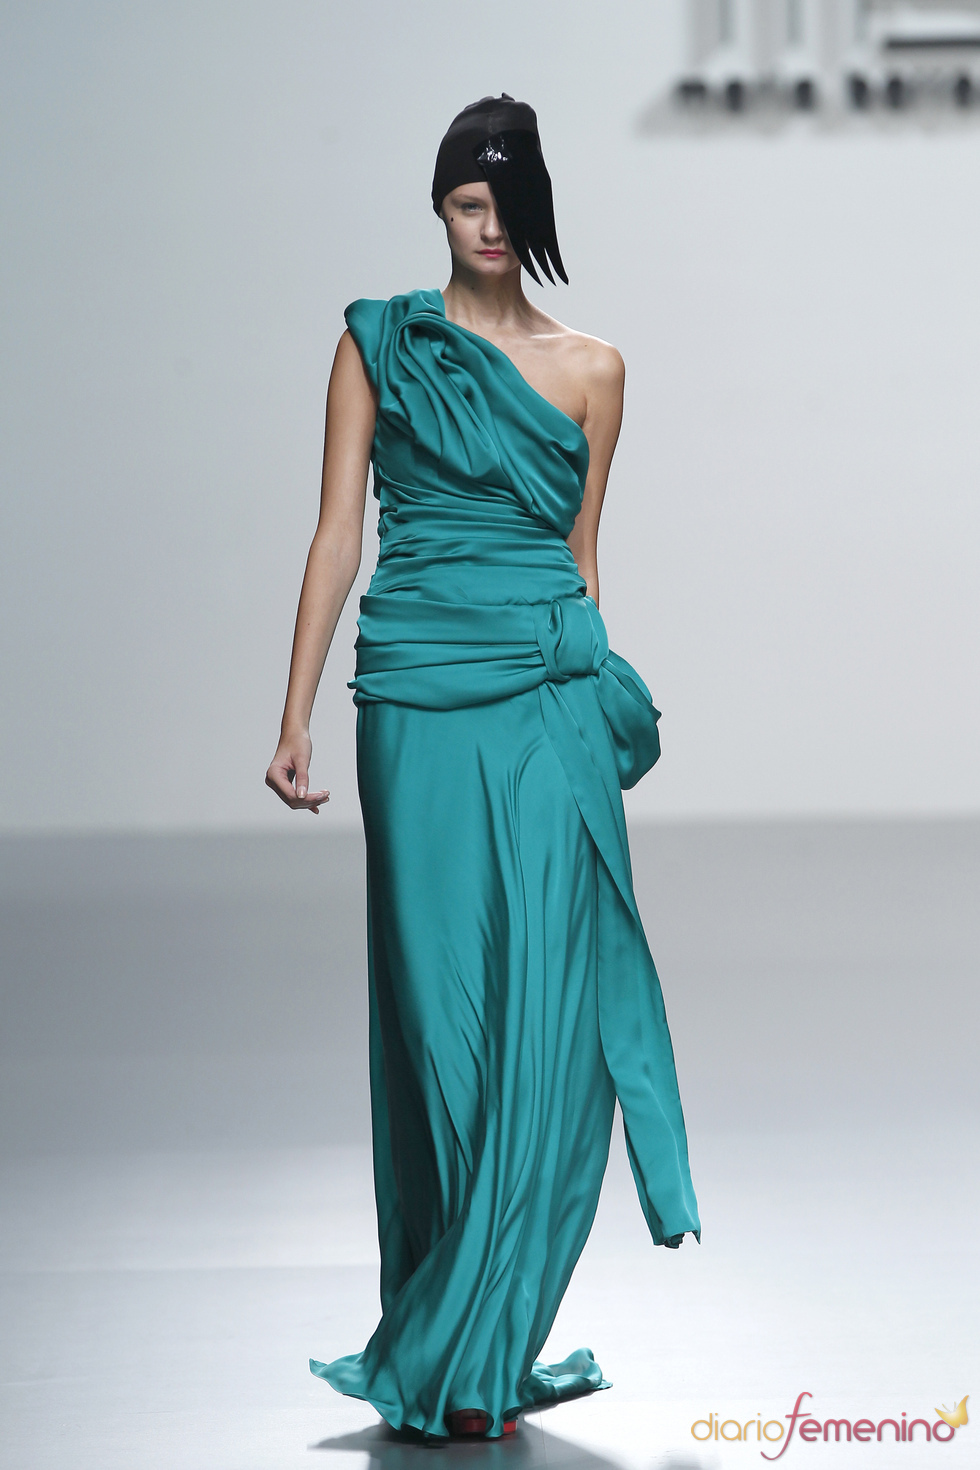 Vestido de noche drapeado firmado por María Barros en la Madrid Fashion Week